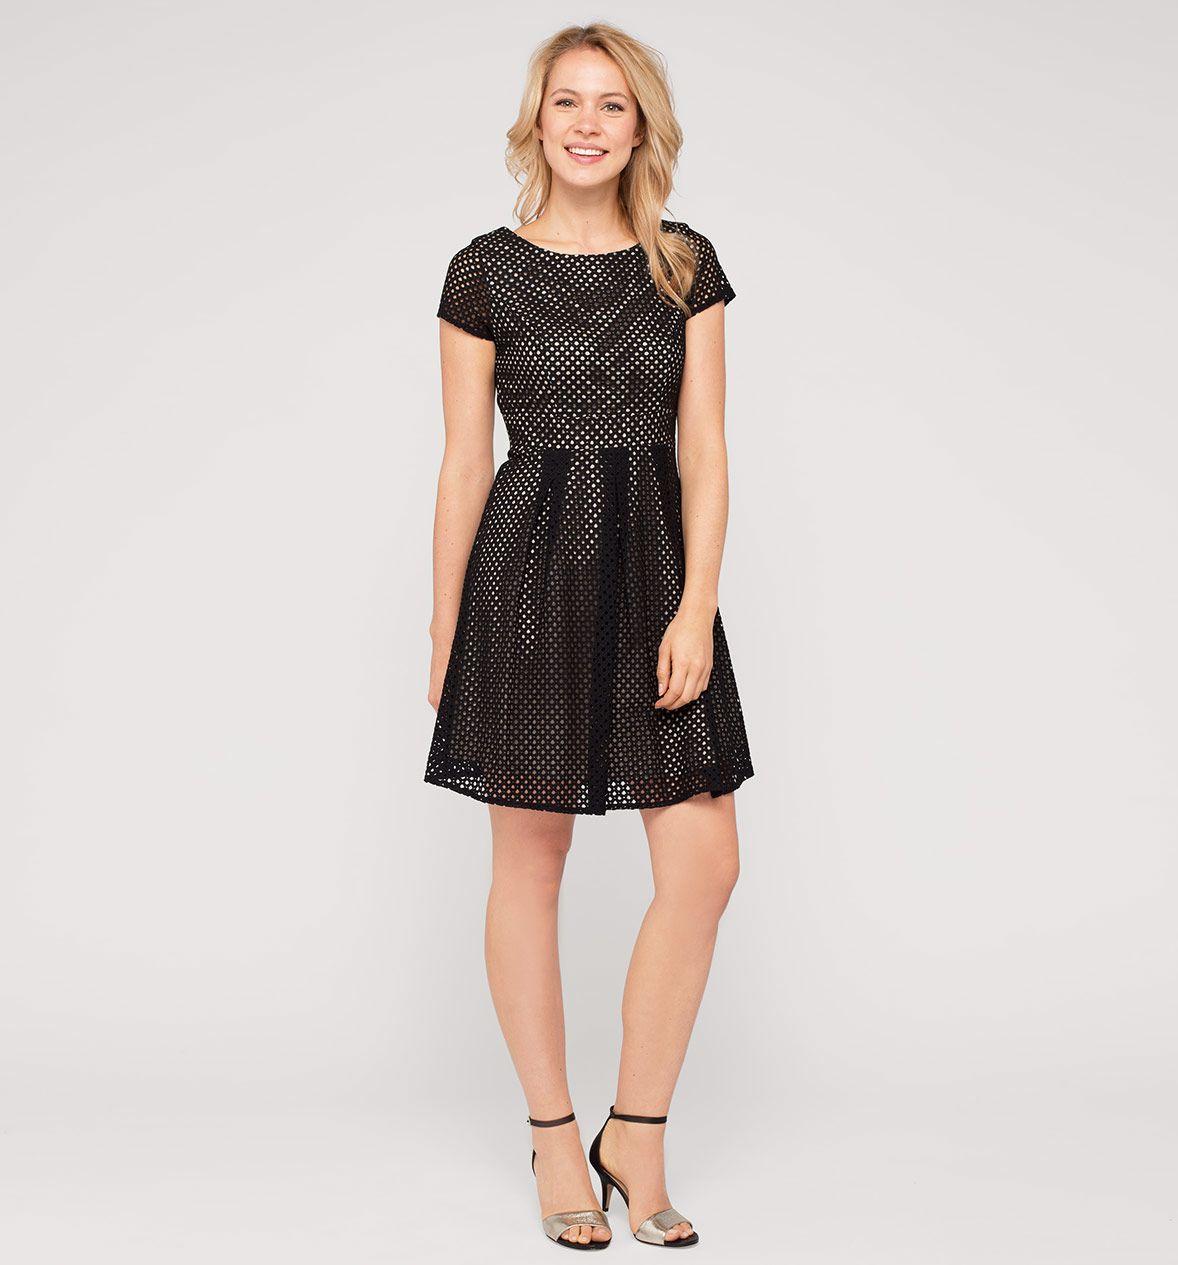 damen glamour-kleid in schwarz - mode günstig online kaufen